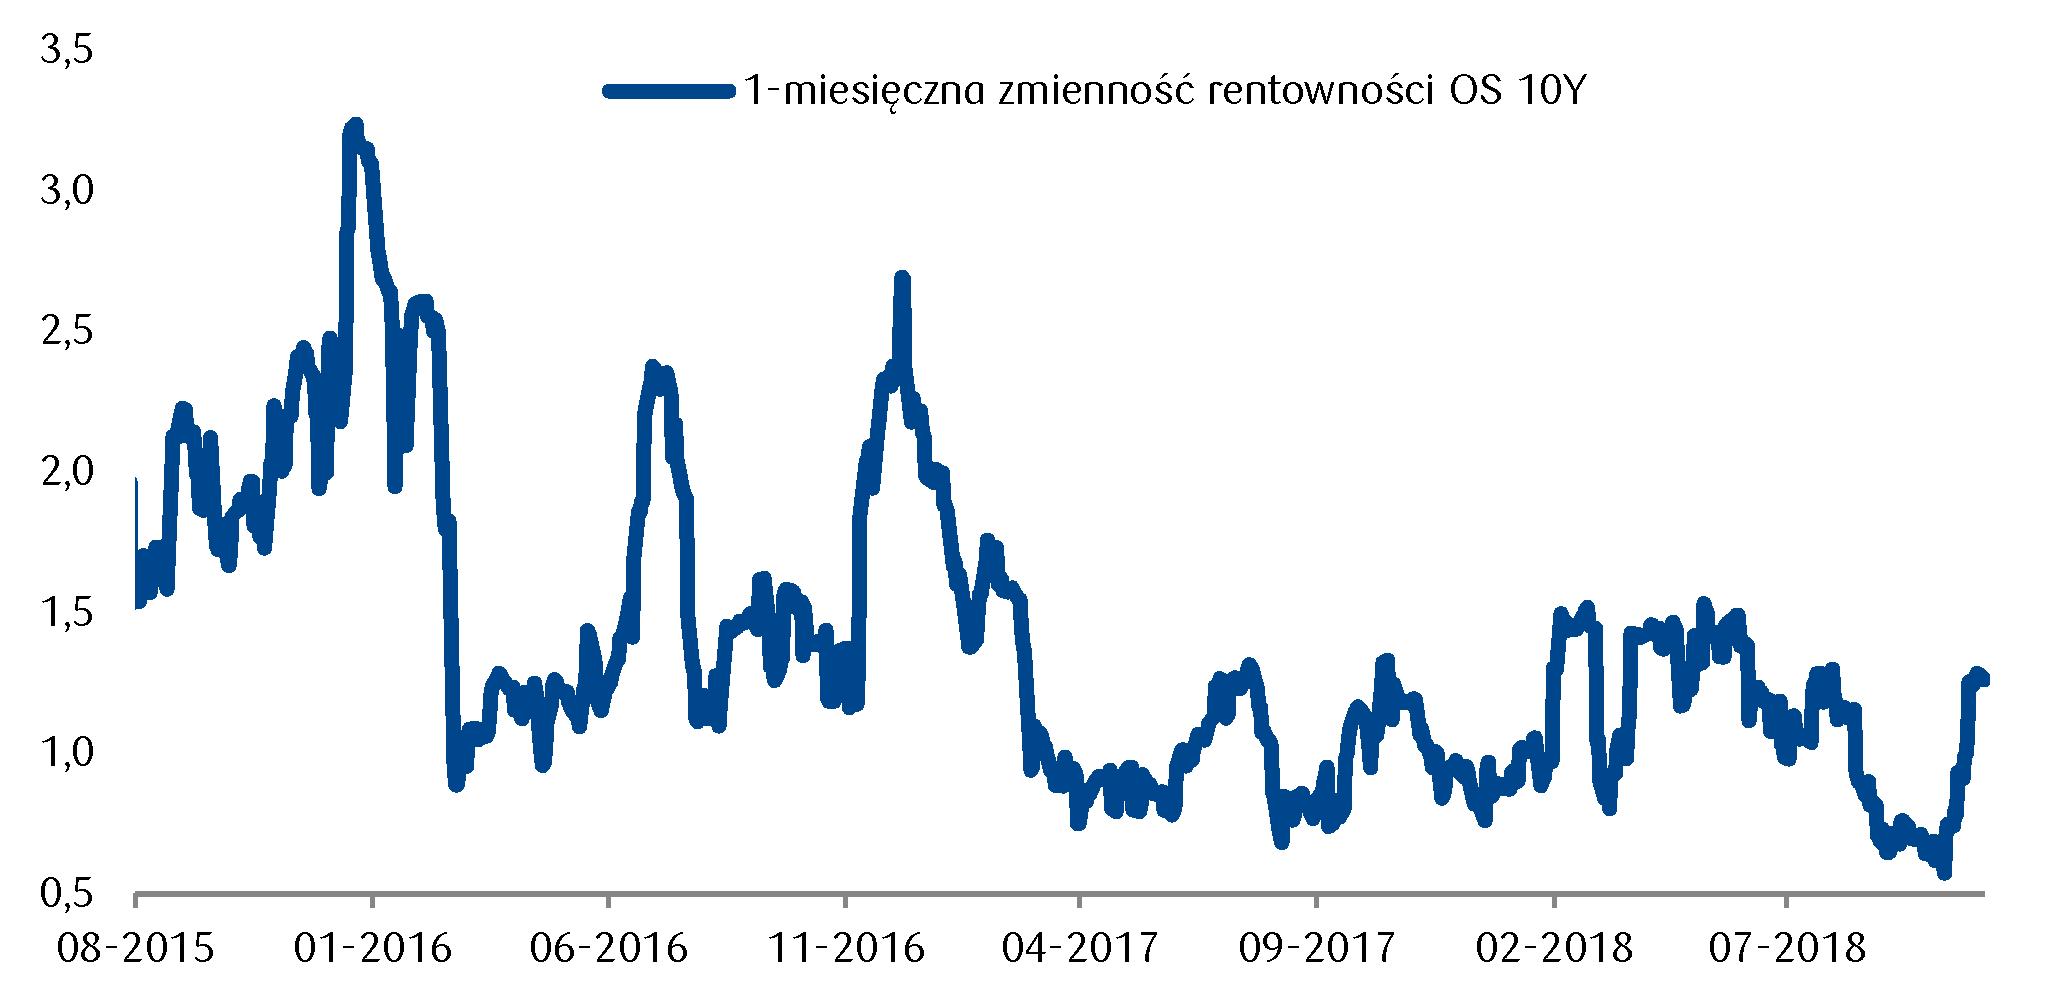 W ujęciu historycznym zmienność rentowności polskich obligacji pozostaje relatywnie niska